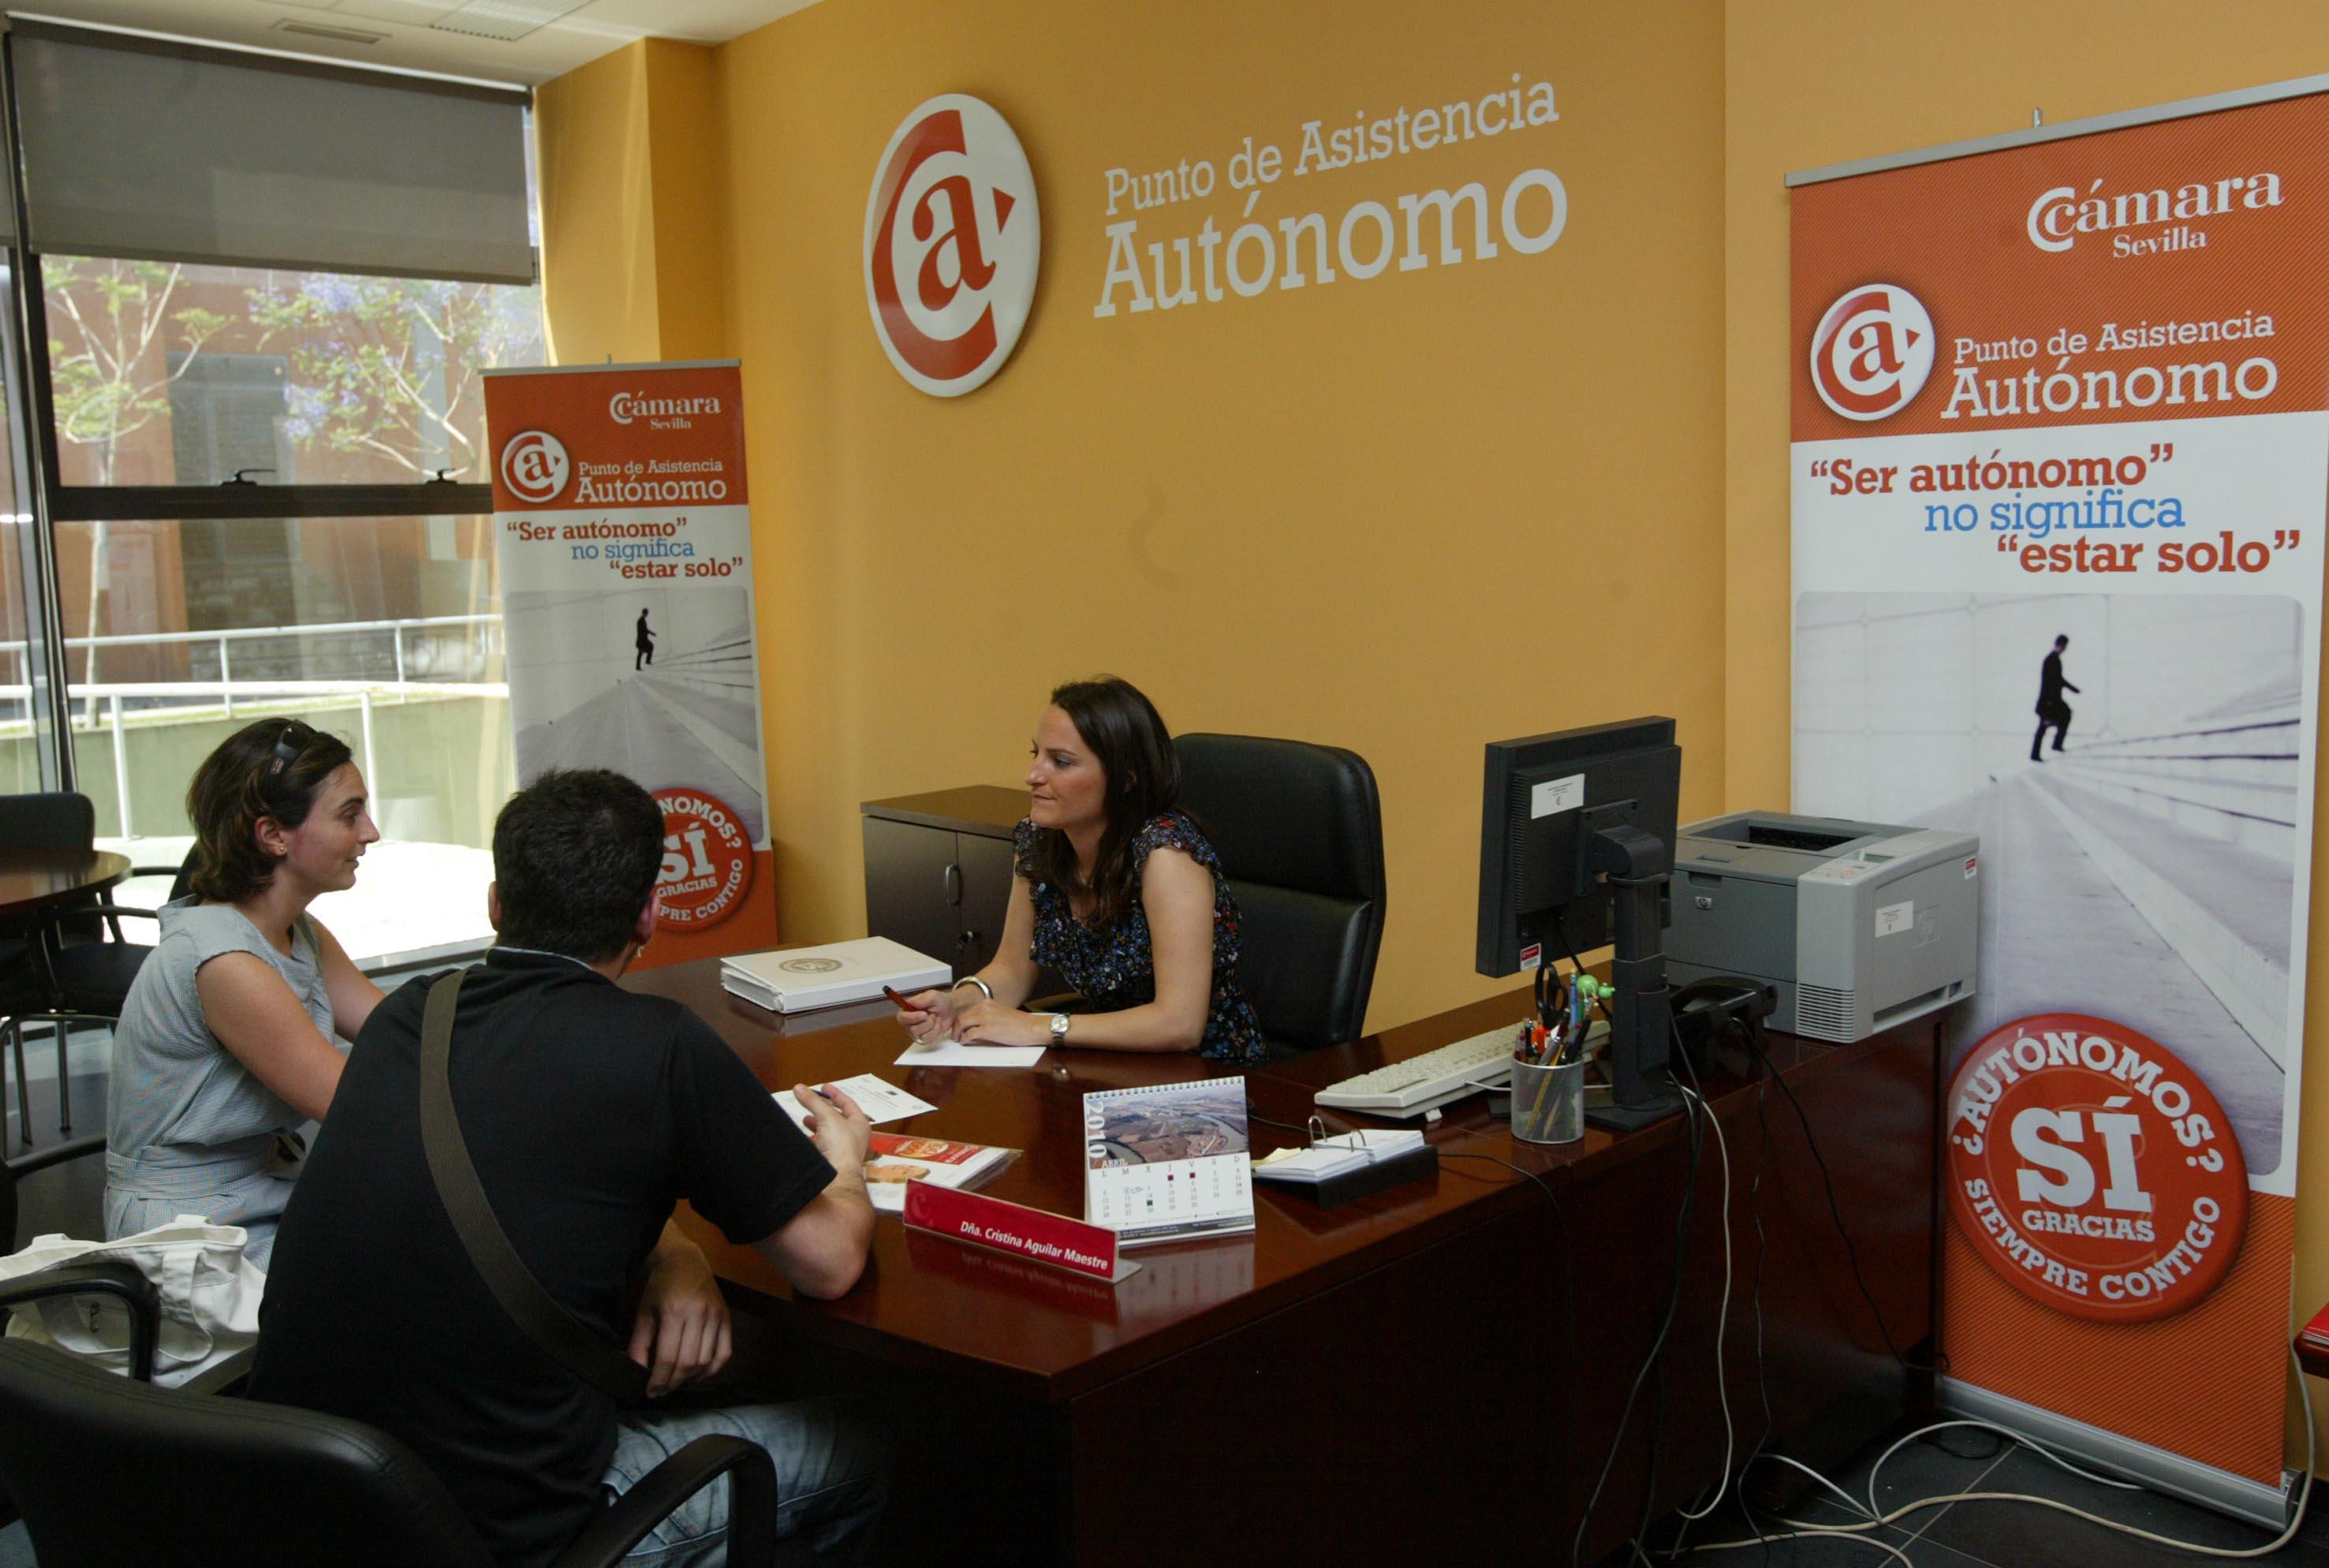 Diversas instituciones andaluzas realizan labores de asesoramiento a los autónomos. / JAVIER DÍAZ